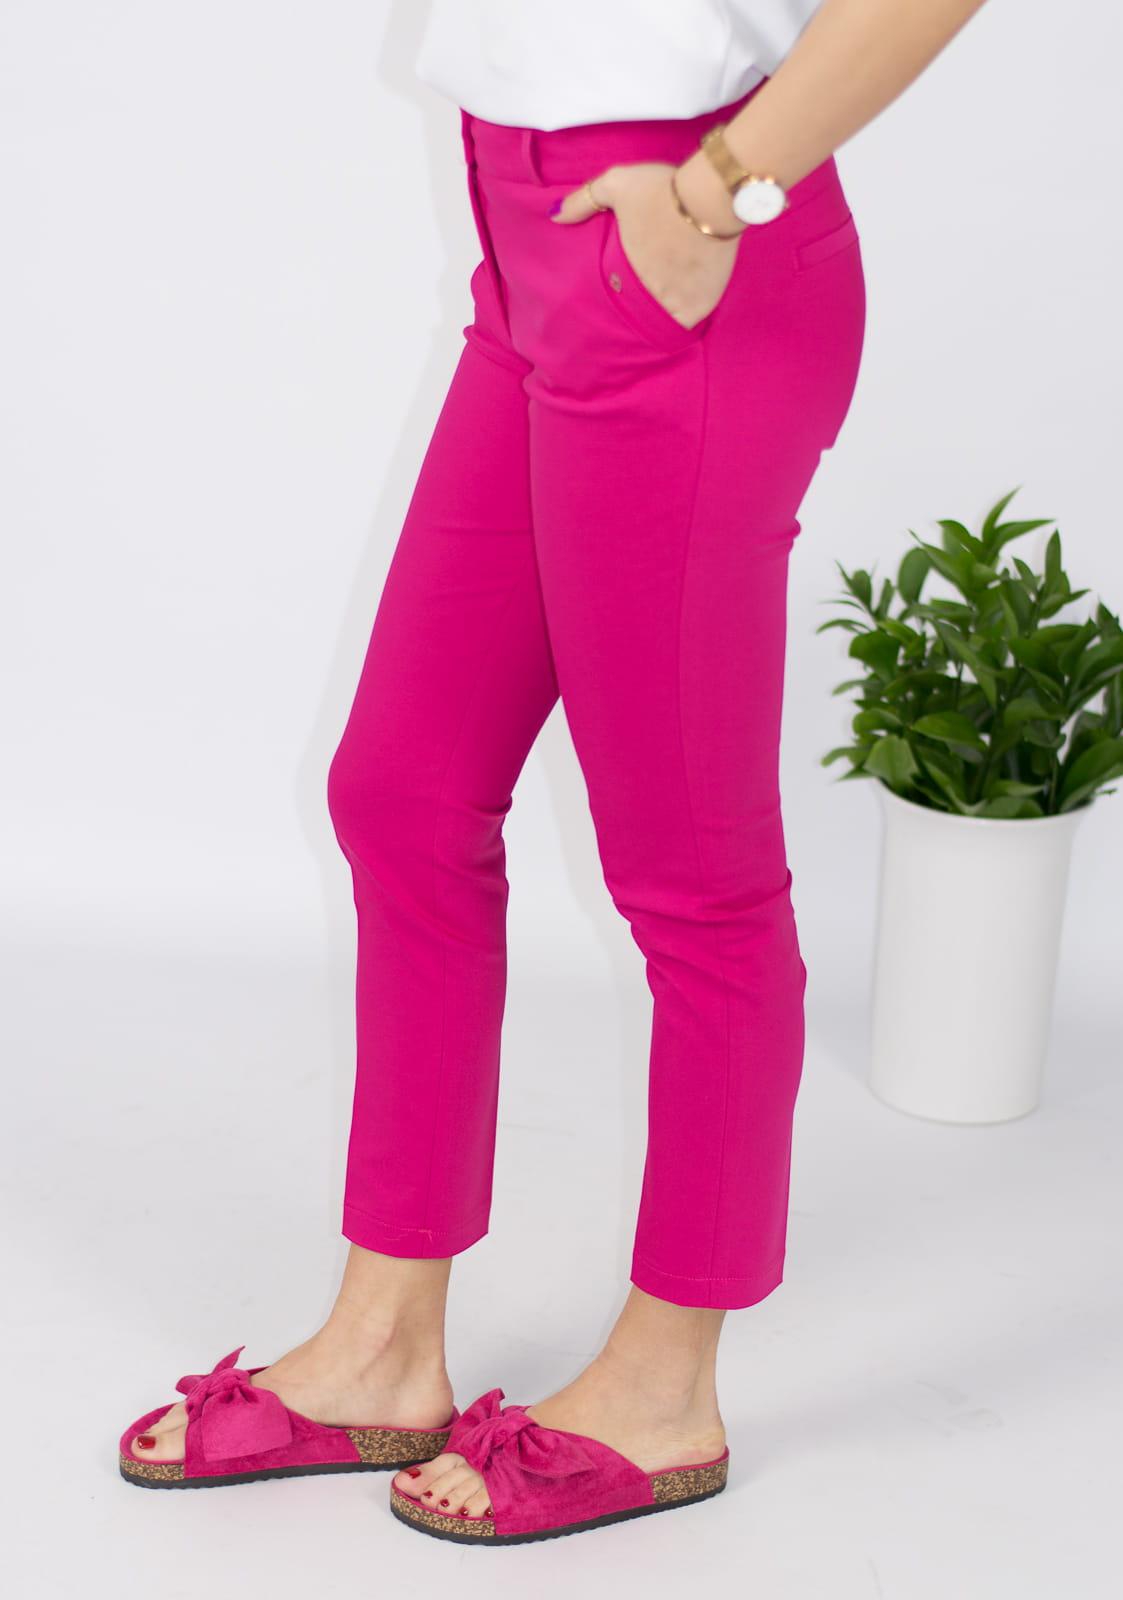 42a4a41af3385d Eleganckie spodnie damskie BB amarantowe 7/8 - Jerodi. 28563_25337.  promocja. 28563_25337 · 28563_25338 · 28563_25339 · 28563_25340